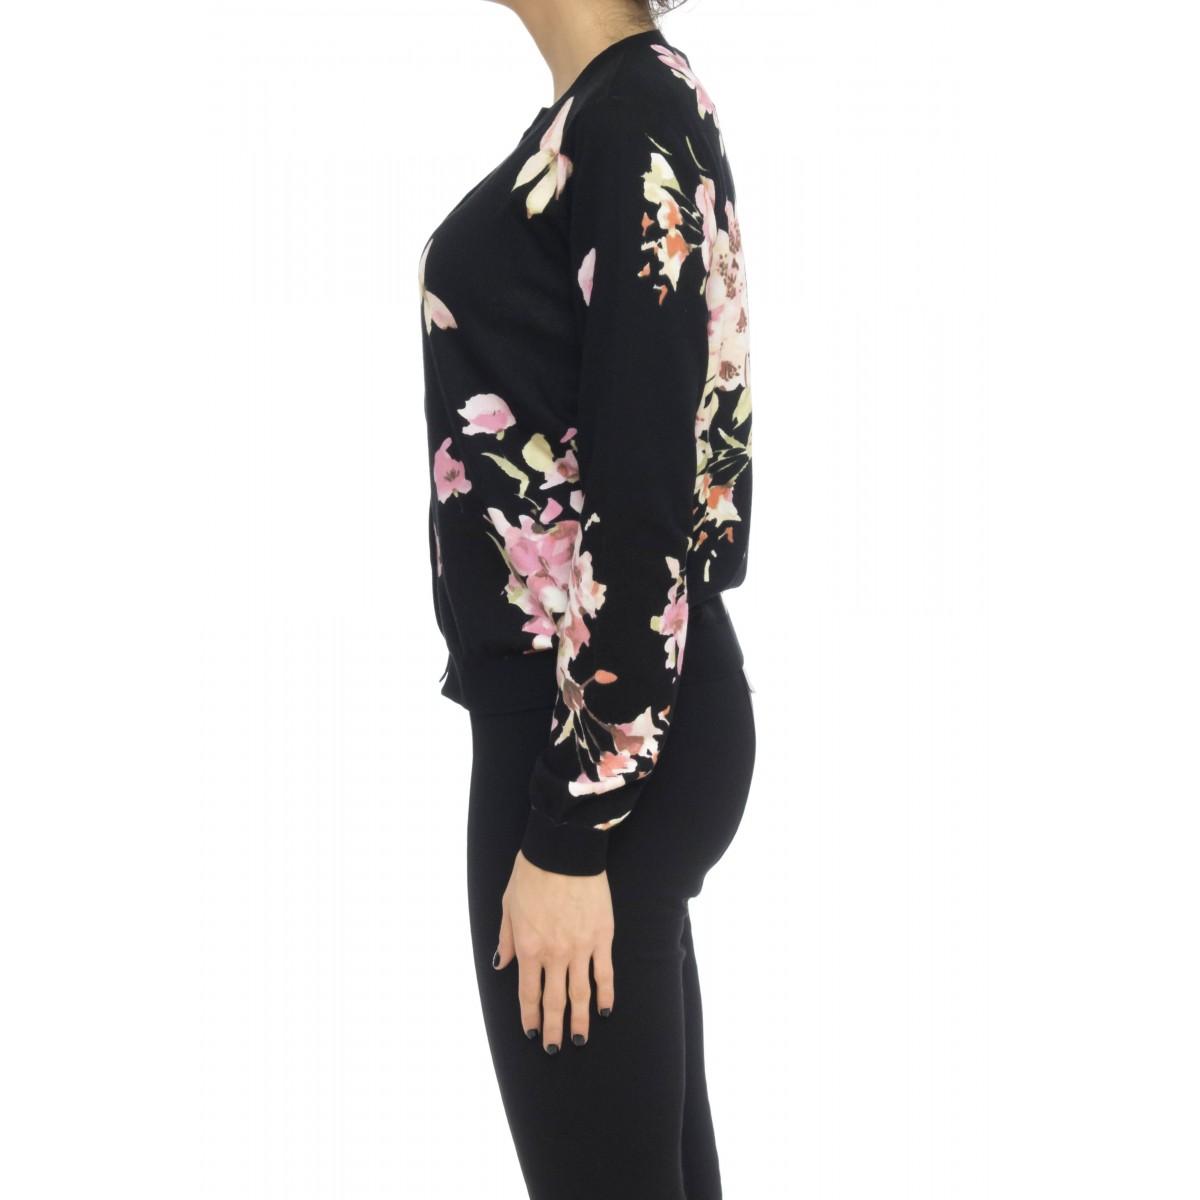 Maglia donna - 341a cardigan fiori